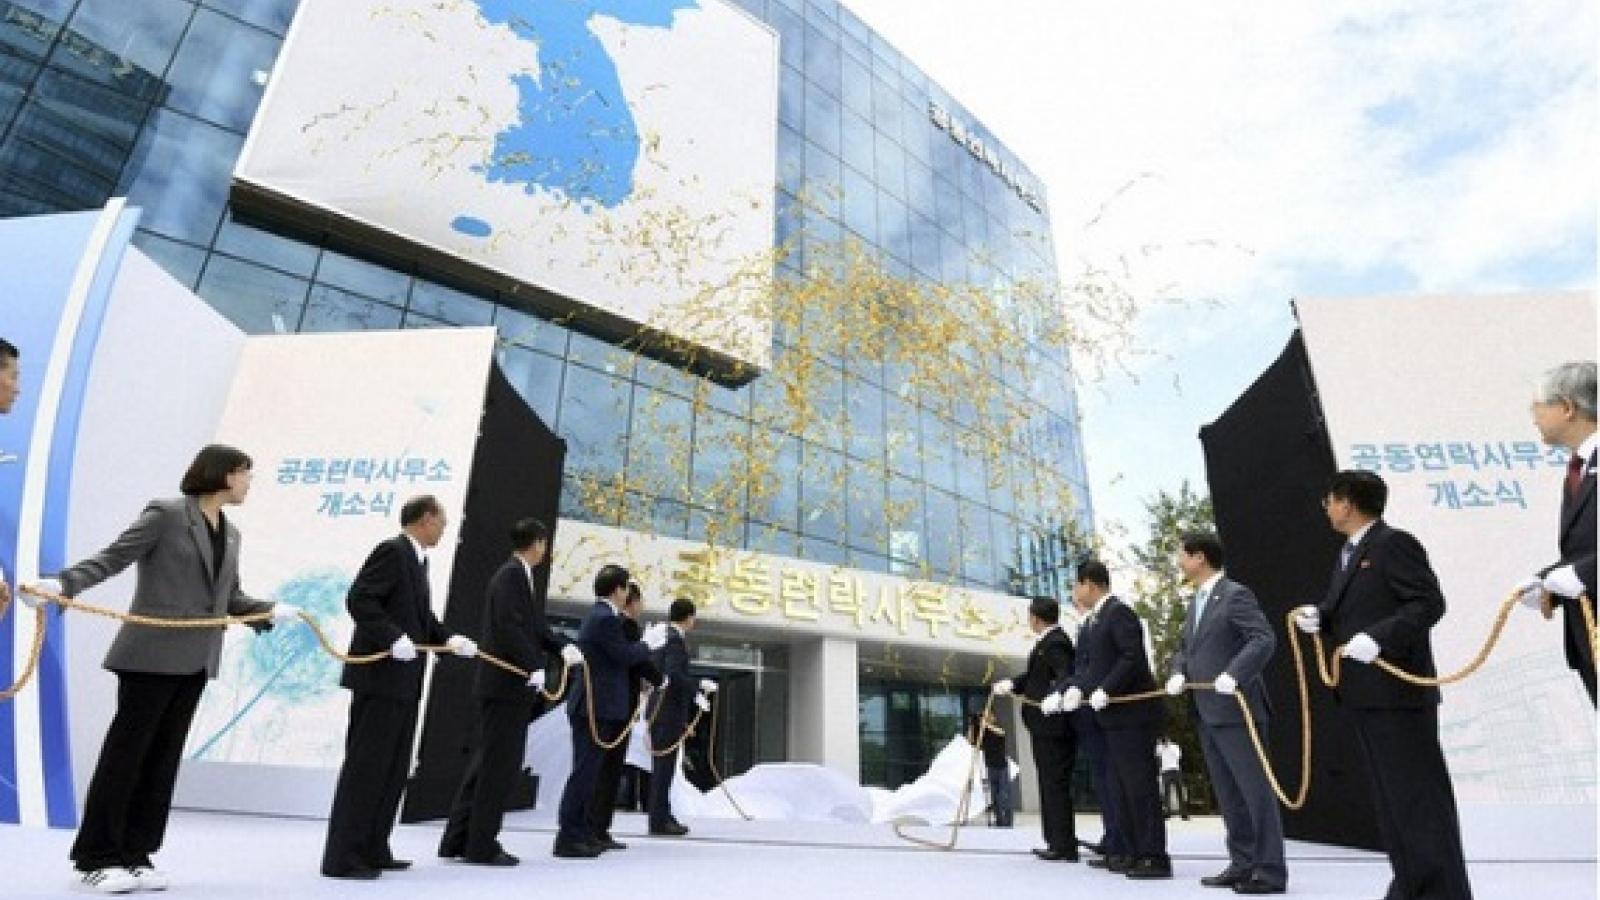 Triều Tiên tuyên bố sẽ đóng cửa Văn phòng liên lạc liên Triều